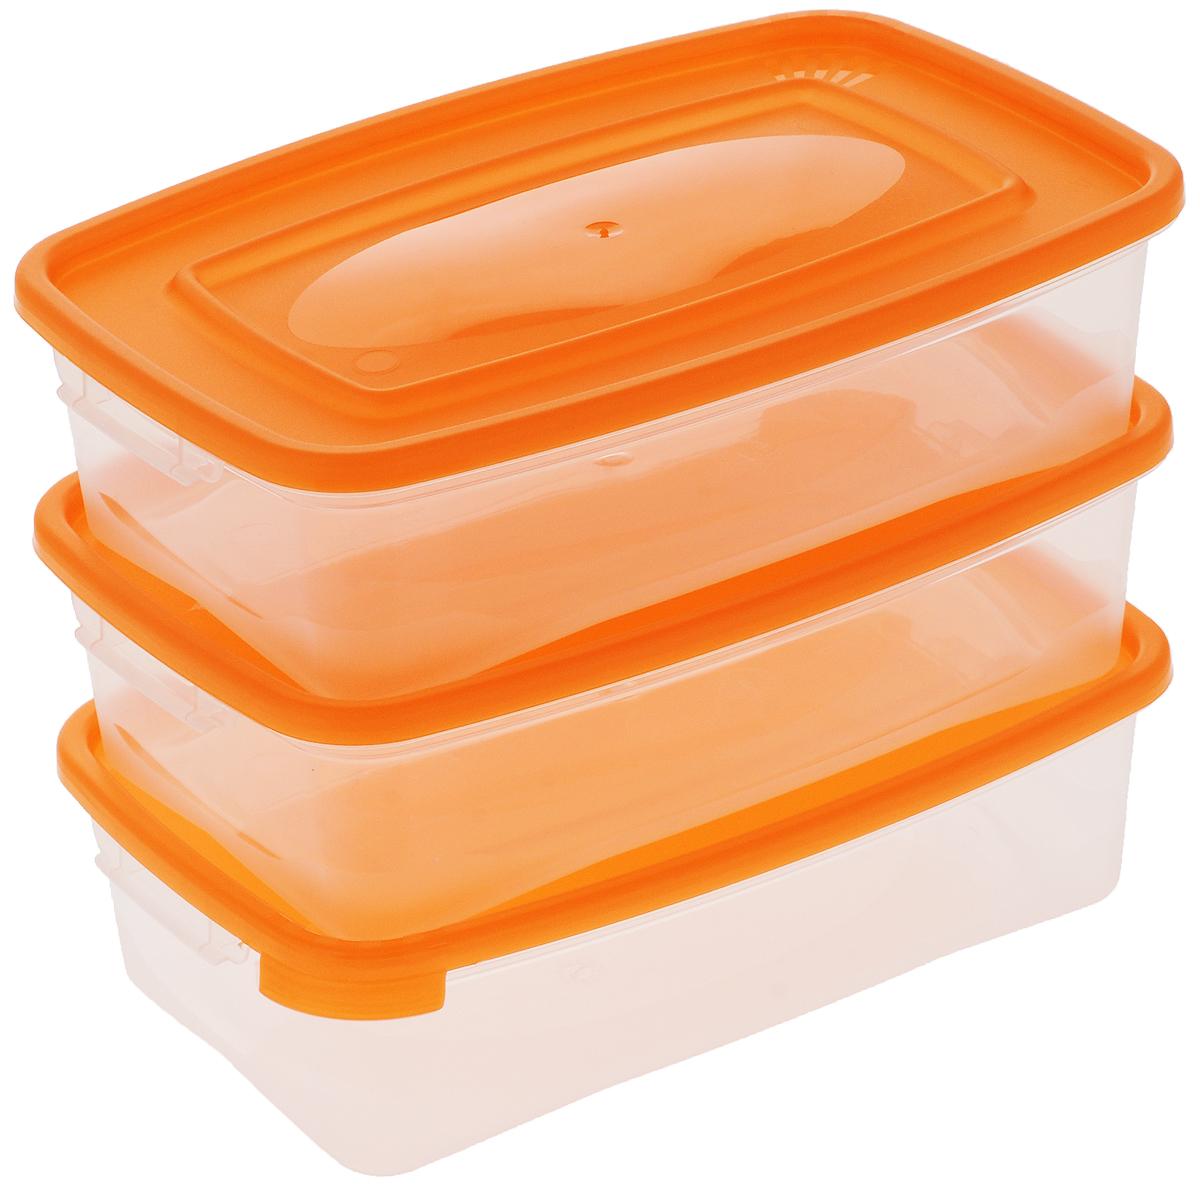 Набор контейнеров Полимербыт Каскад, цвет: оранжевый, прозрачный, 700 мл, 3 штС54001_оранжевыйНабор контейнеров Полимербыт Каскад изготовлен из высококачественного прочного пластика, устойчивого к высоким температурам. Стенки контейнера прозрачные, что позволяет видеть содержимое. Цветная полупрозрачная крышка плотно закрывается. Контейнер идеально подходит для хранения пищи, его удобно брать с собой на работу, учебу, пикник или просто использовать для хранения пищи в холодильнике. Можно использовать в микроволновой печи при температуре до +120°С (при открытой крышке) и для заморозки в морозильной камере при температуре до -40°С. Можно мыть в посудомоечной машине. Размер одного контейнера: 18,5 х 12 х 5,5 см. Комплектация: 3 шт.